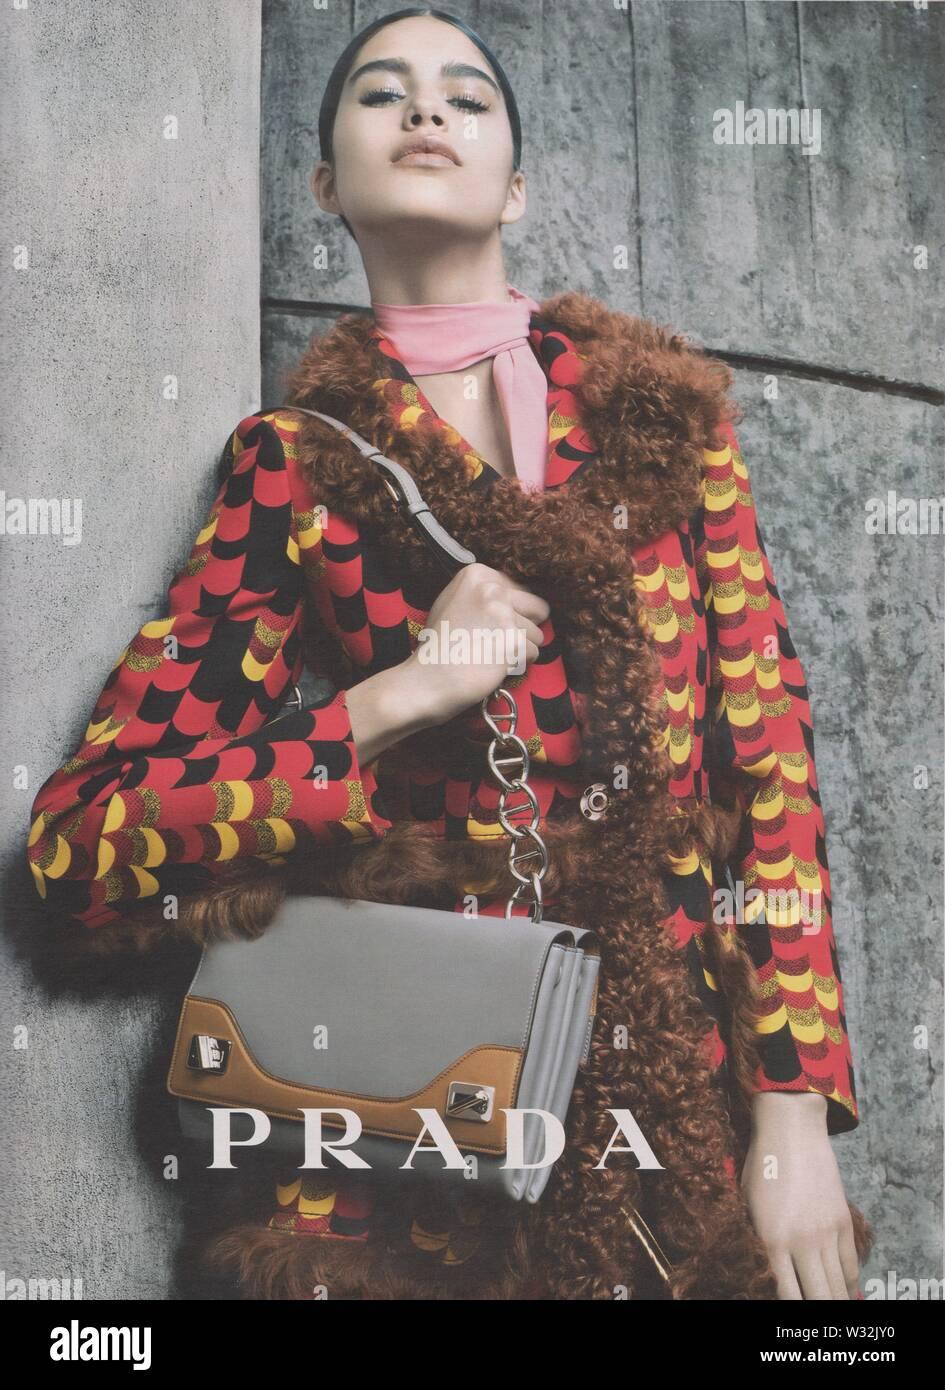 Plakat werbung PRADA weibliche model in Papier Magazin von 2014 Jahr, Werbung, kreative PRADA Anzeige von 2010 s Stockbild